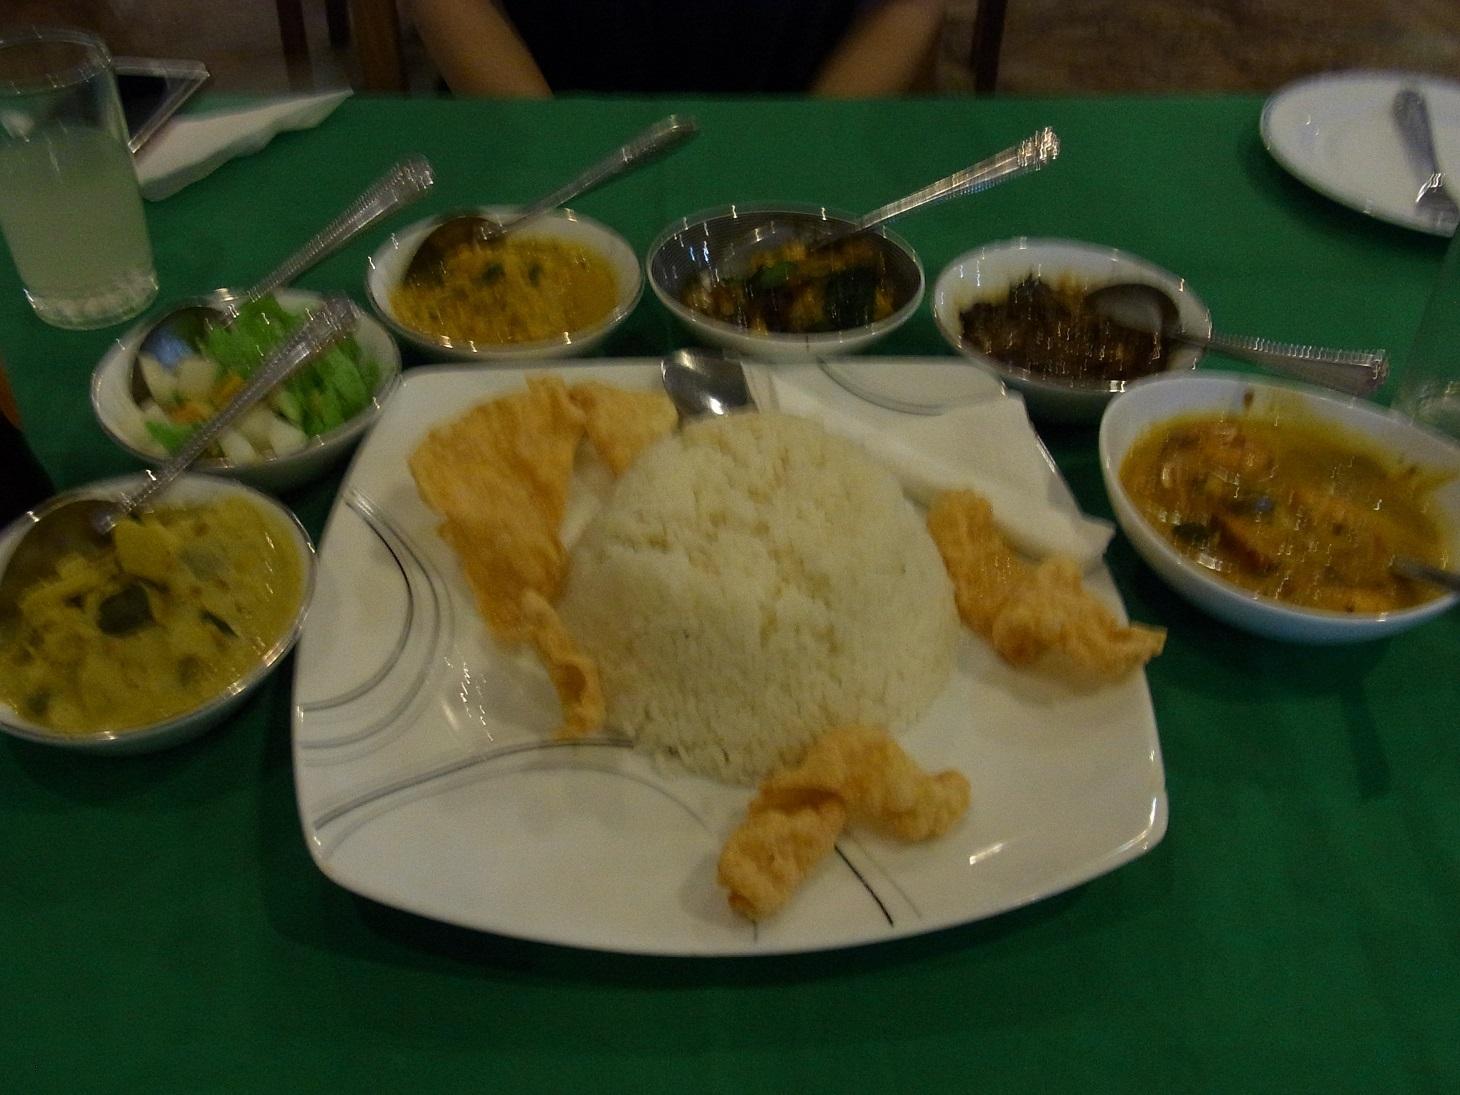 スリランカで食べたり飲んだりして元気になった!_1_1